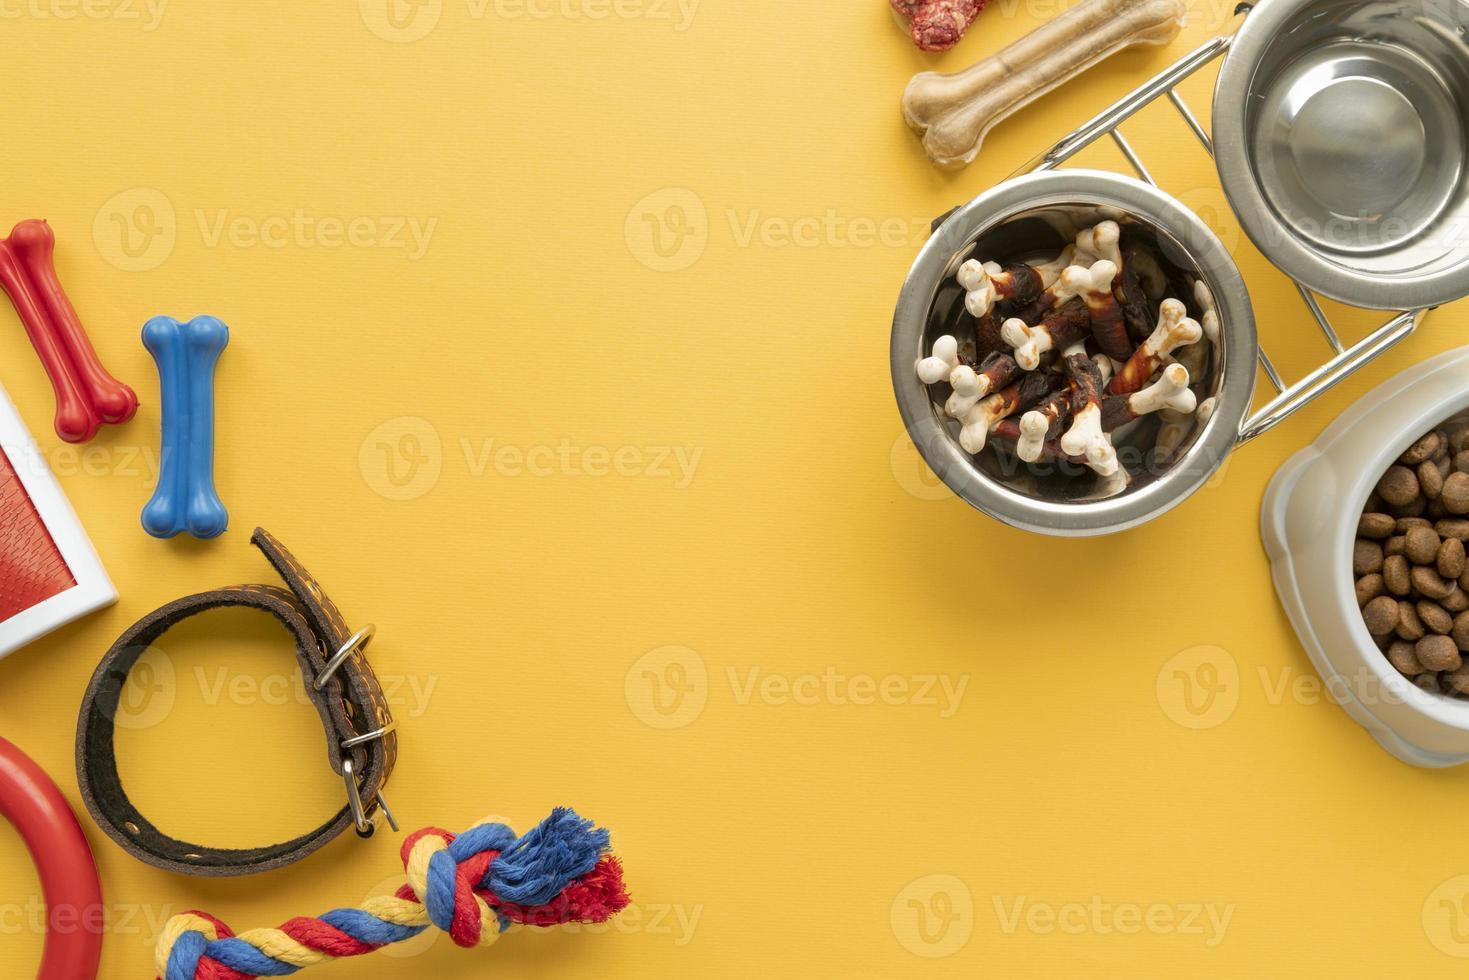 vue de dessus sur la nourriture pour animaux avec des jouets photo